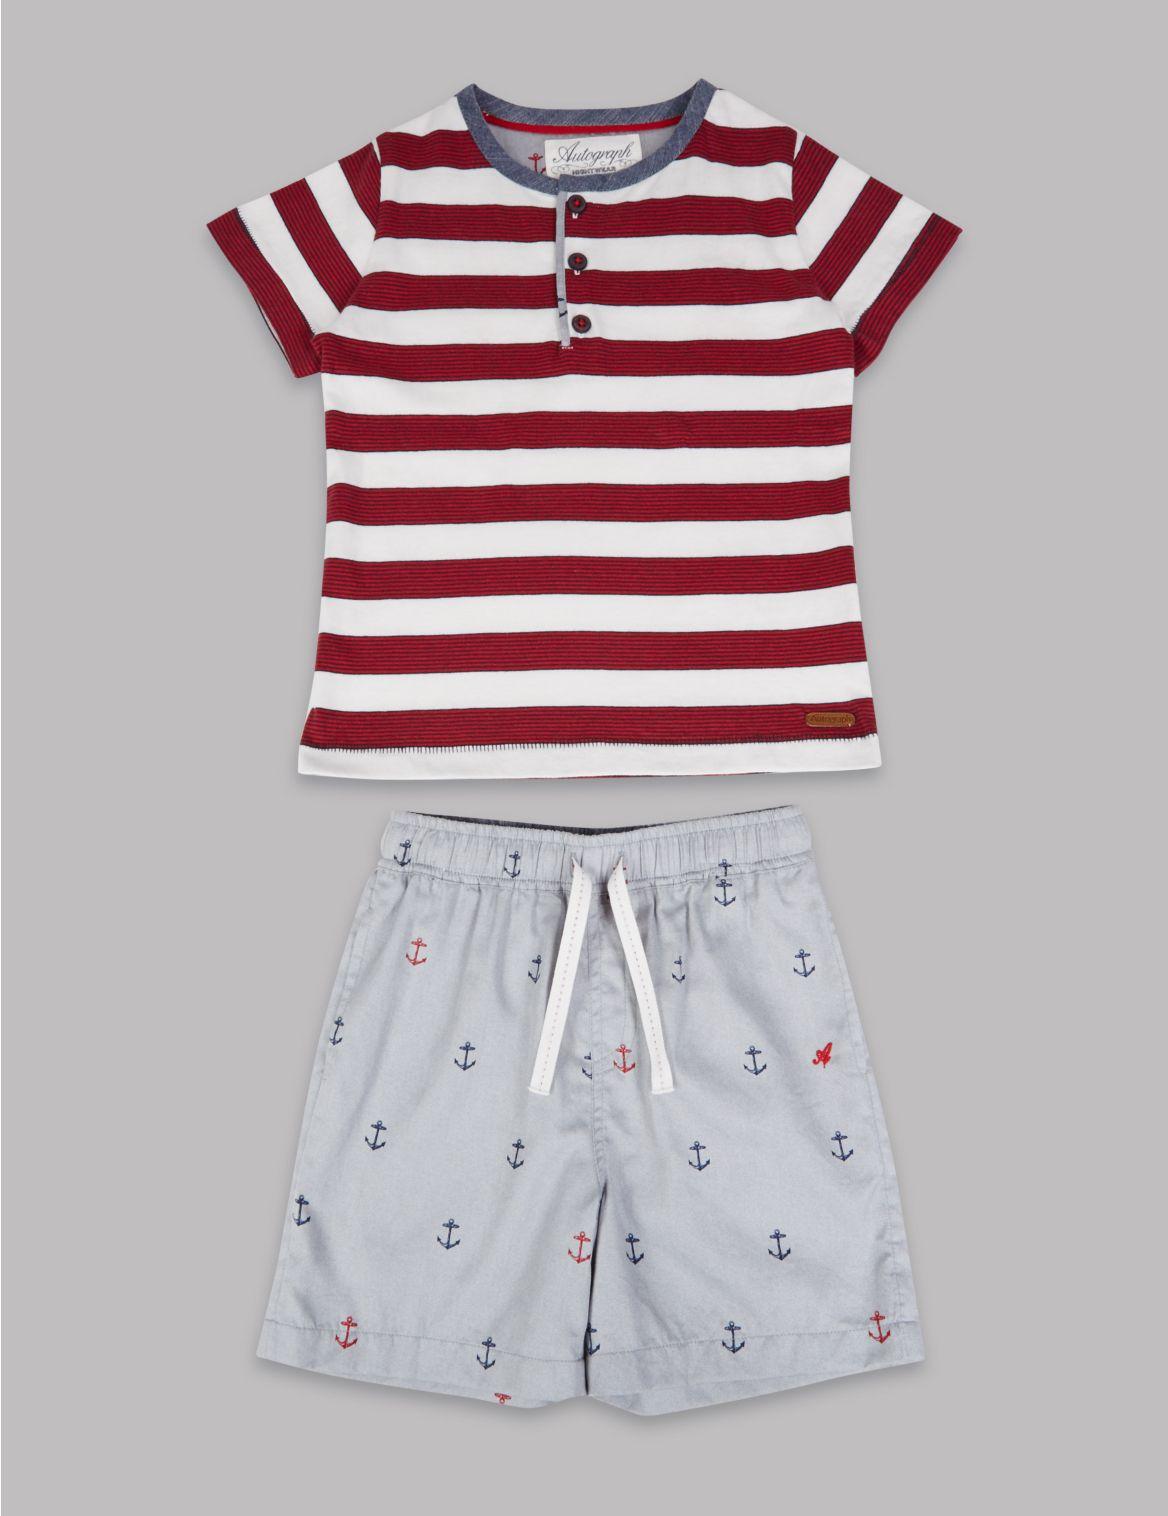 Zuiver katoenen pyjama met